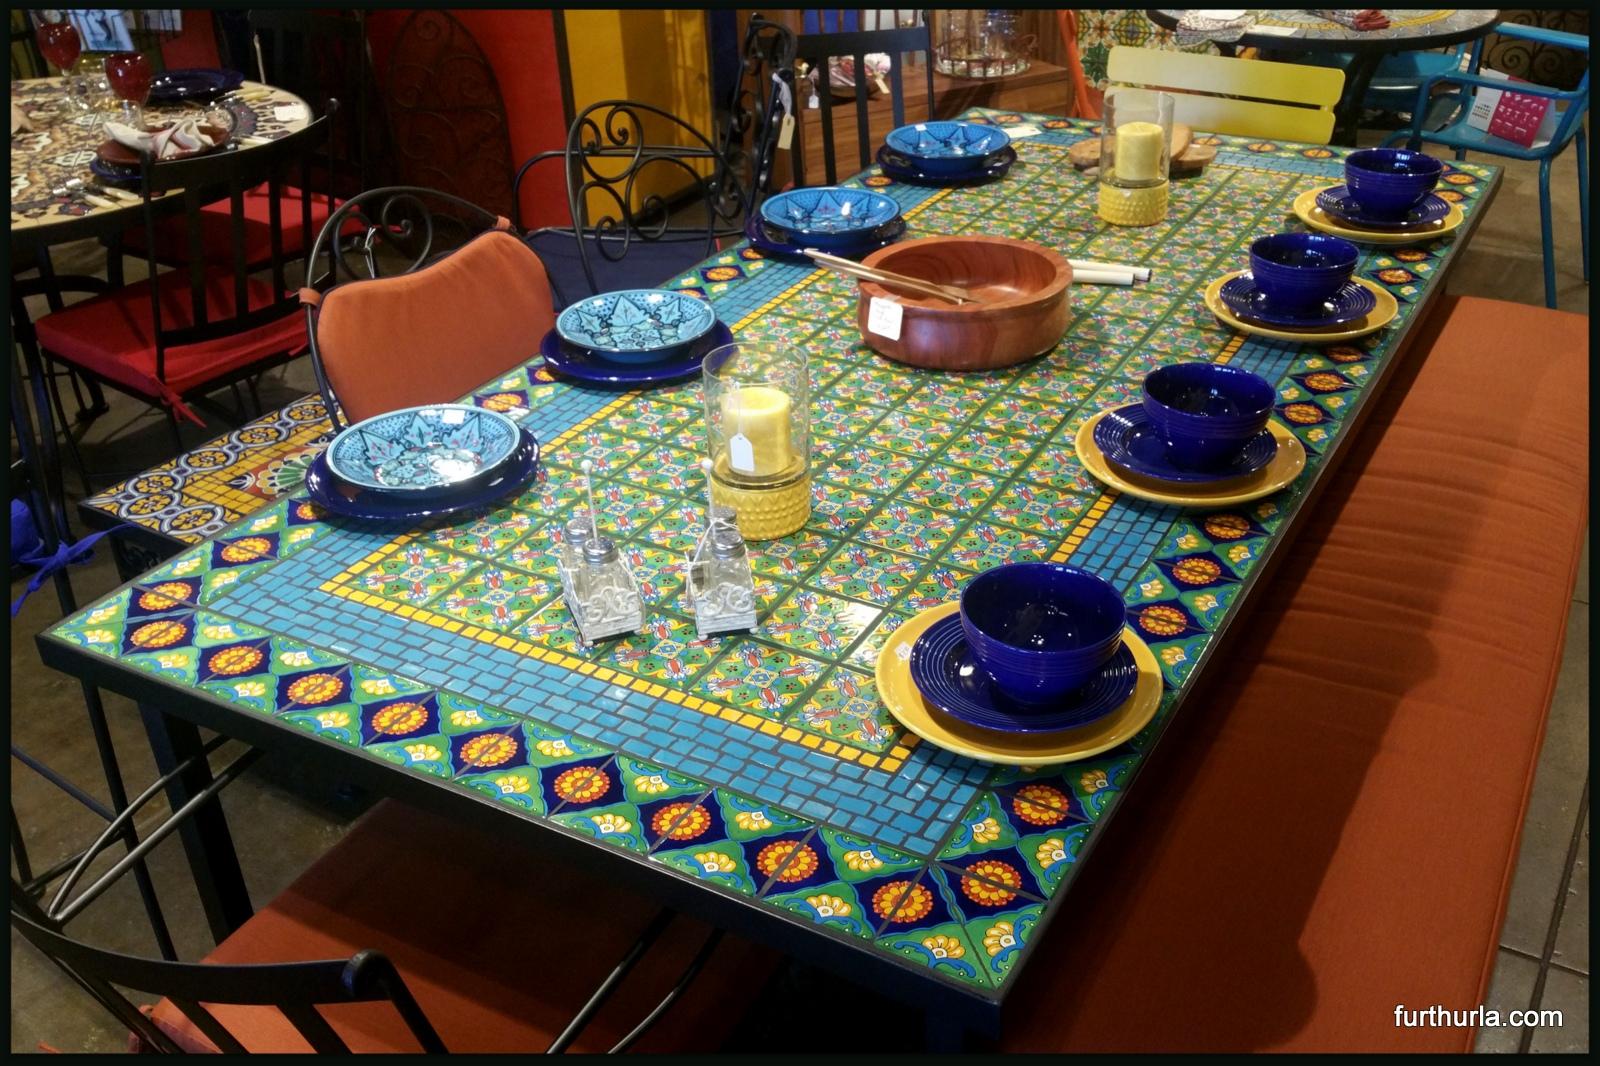 TILE MOSAIC DINING TABLE LLAMARADA